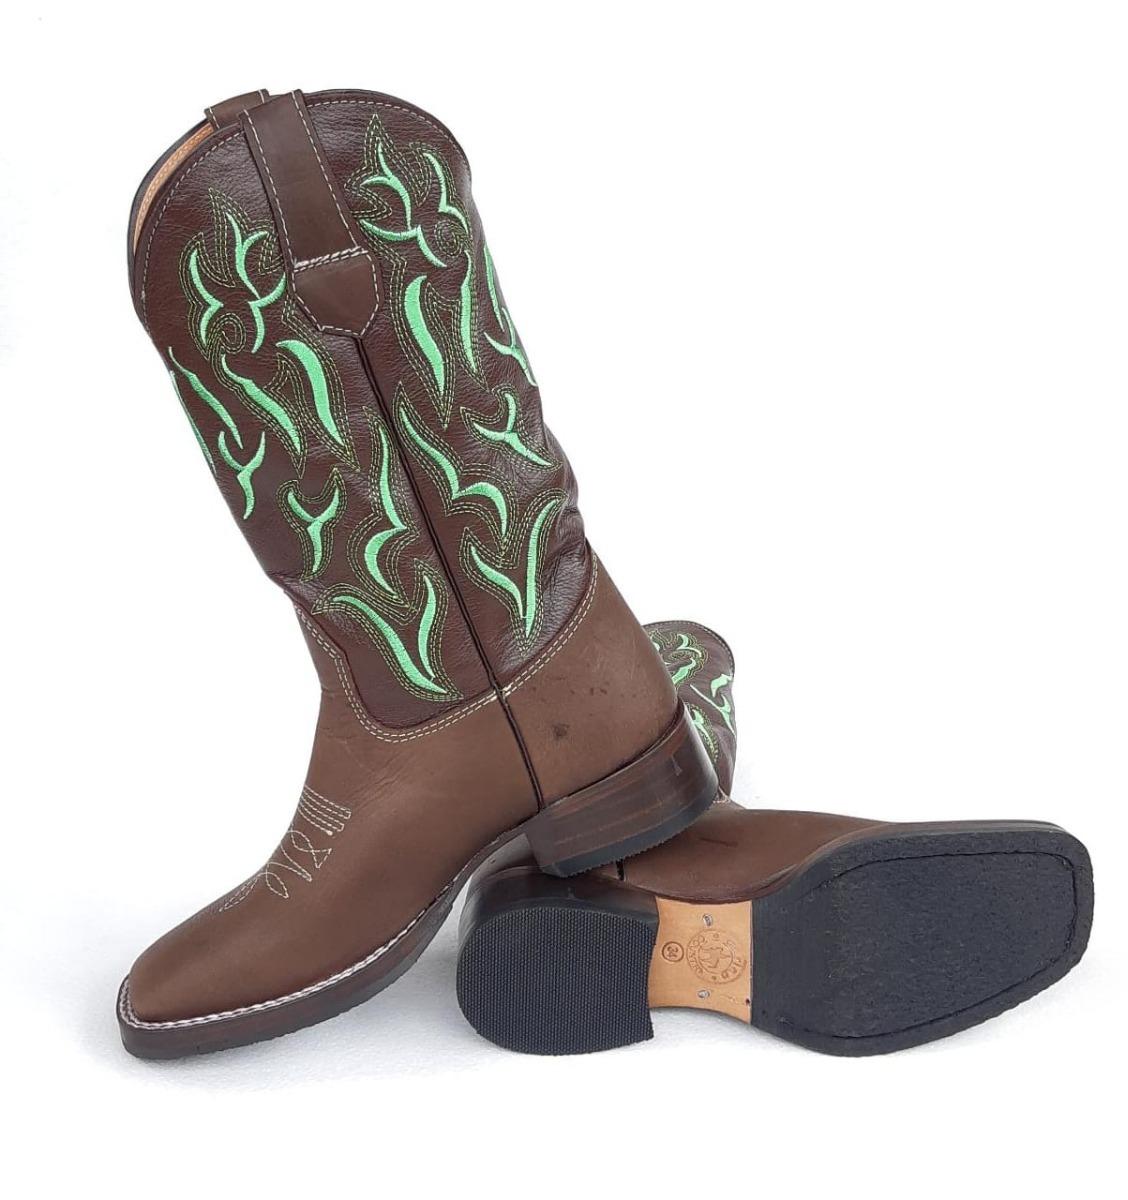 edef059a08 Bota Texana Marrom Com Bordado Verde - R$ 298,00 em Mercado Livre